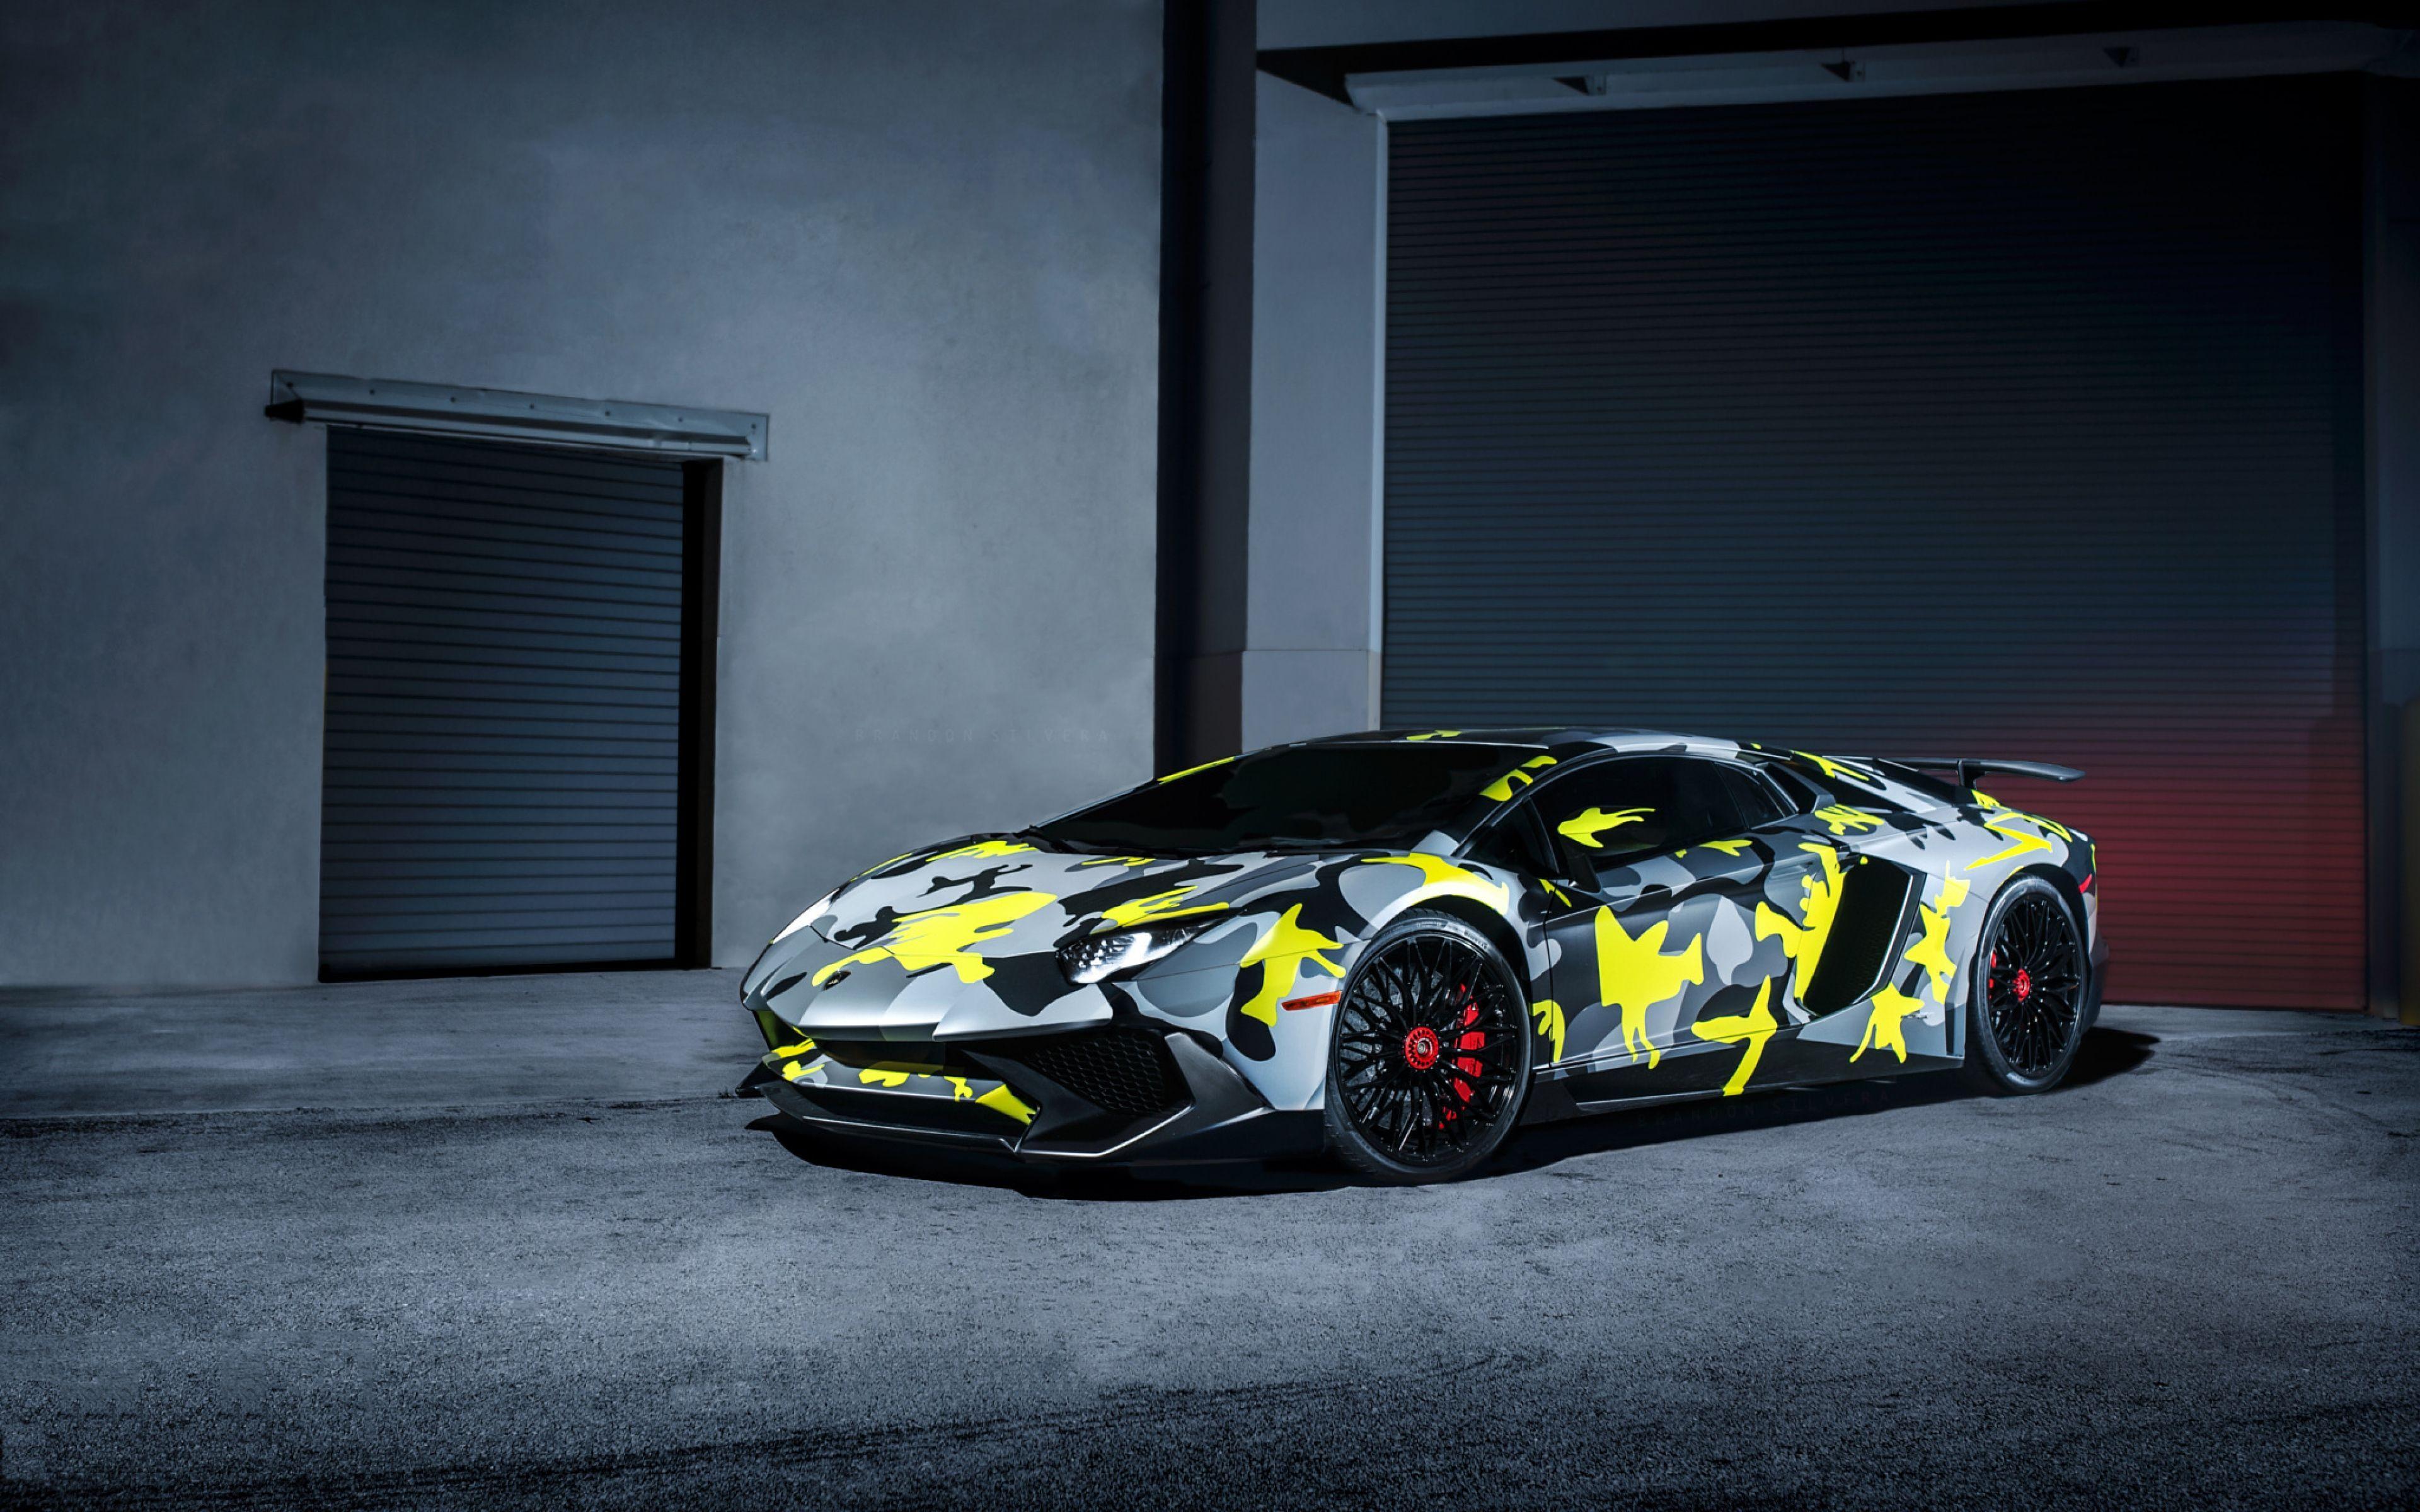 Colorful Lamborghini Wallpapers Wallpaper Cave